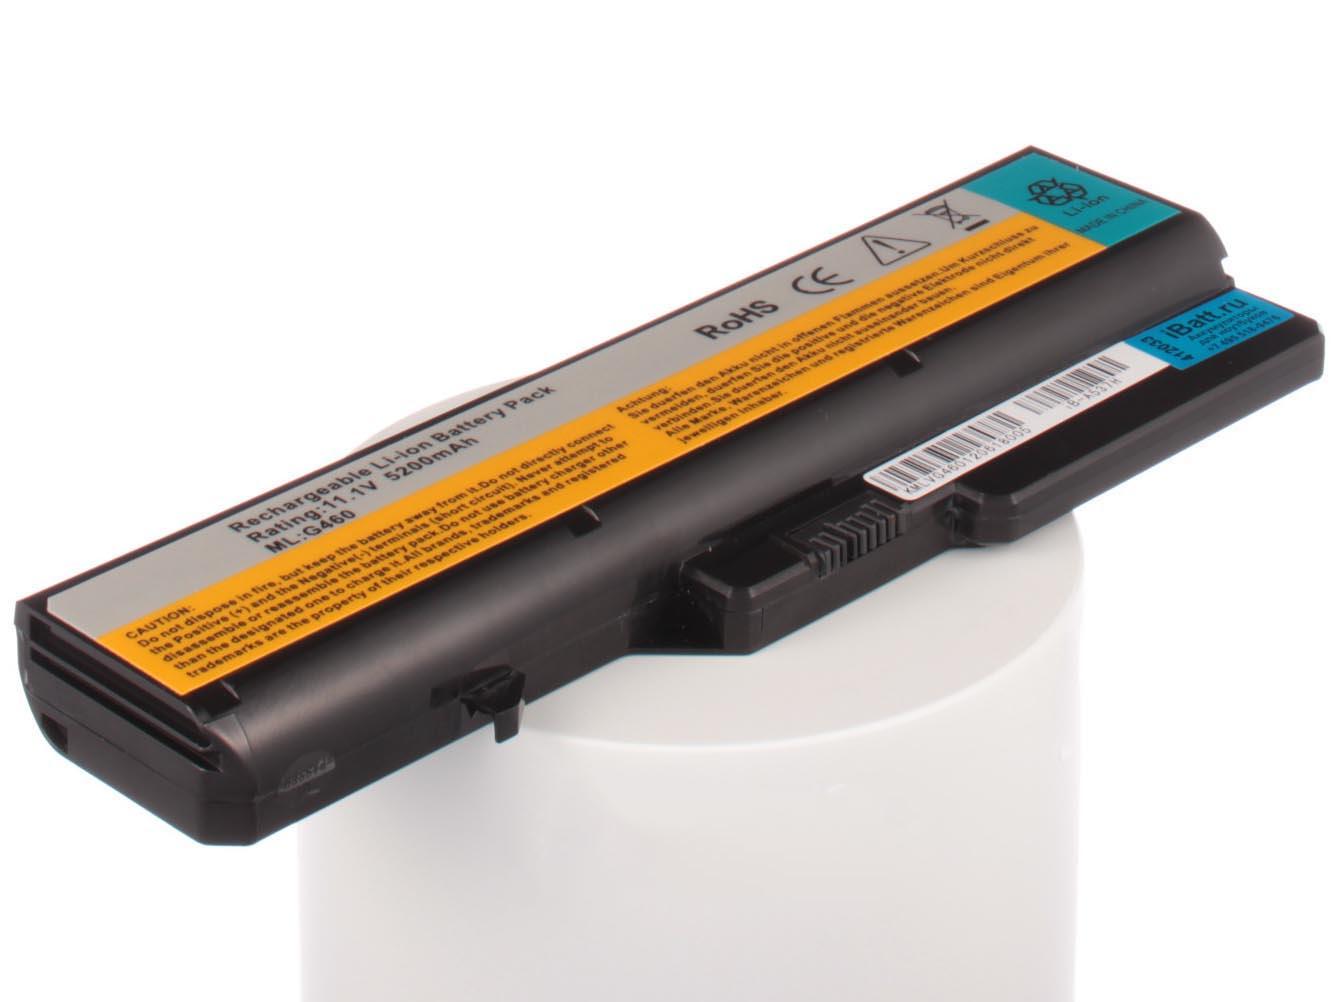 Аккумулятор для ноутбука iBatt для iBM-Lenovo G570, B570e, G780, G560, G565, G575, B570, G770, IdeaPad Z570, B575, B575e, G460, G470, IdeaPad Z565, G475, IdeaPad Z575, IdeaPad Z560, B475, B470, IdeaPad Z470, G465, IdeaPad Z370 аккумуляторная батарея topon top g460 4800мач для ноутбуков lenovo g460 g4704 g560 g565 g570 g575 g770 z370 z460 z465 z560 z565 z570 z575 b570 b575 v570